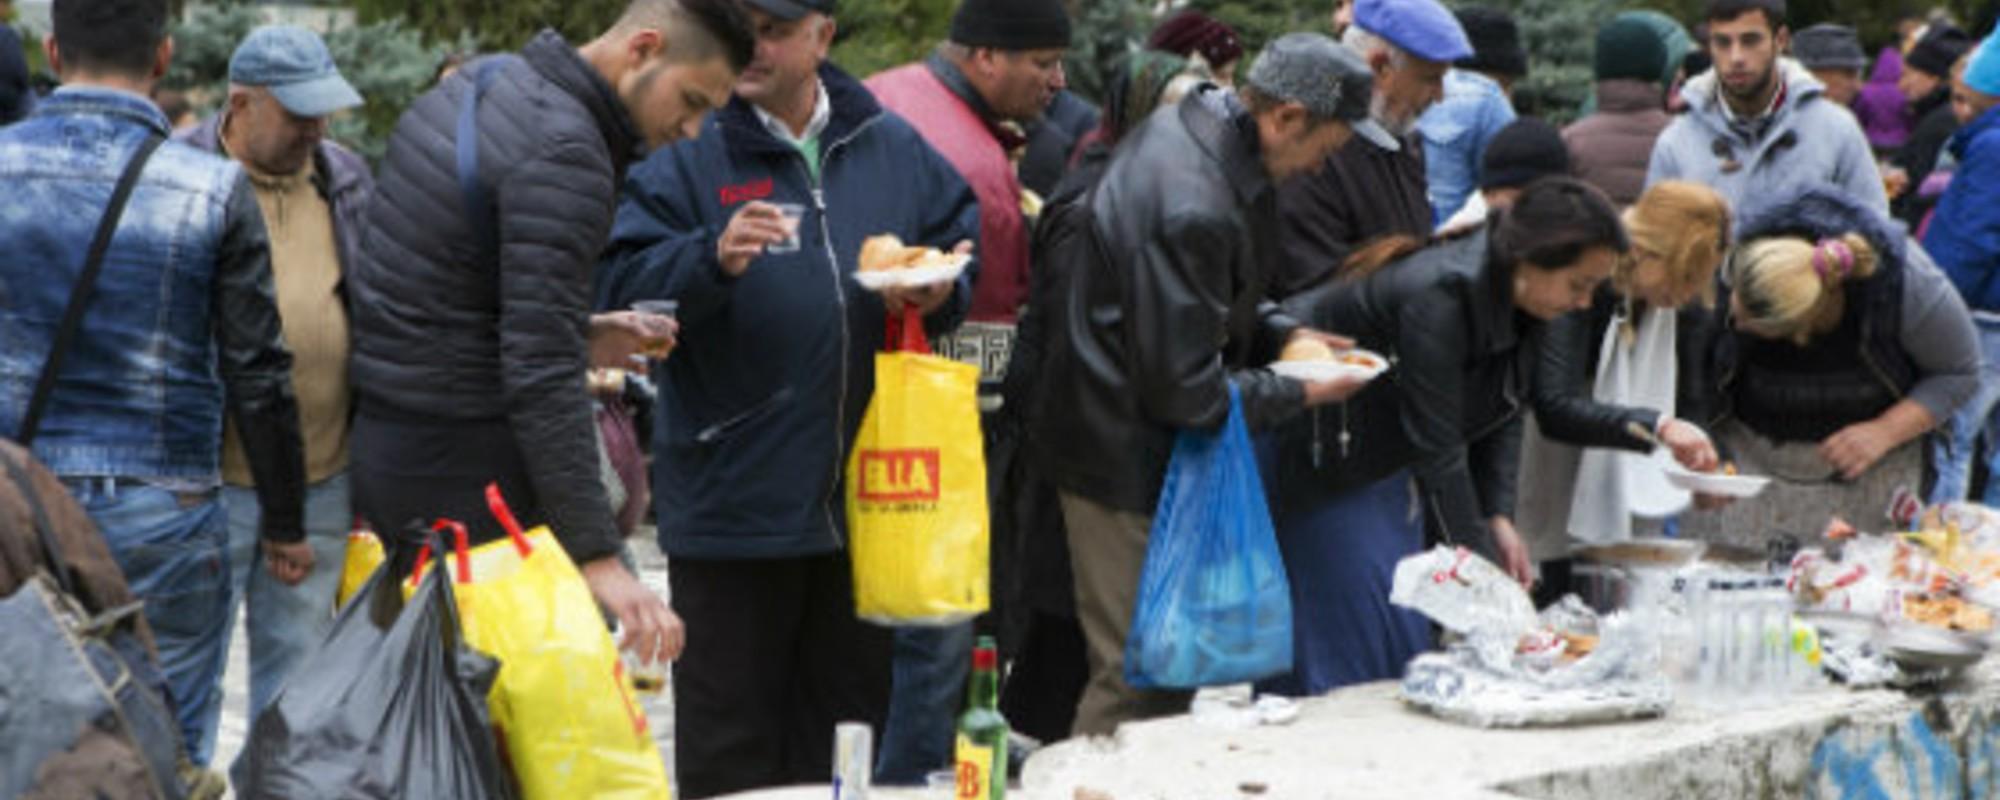 Fotografii cu pelerini înfometați care se îmbulzesc pentru sarmale și alcool la moaștele Sfintei Parascheva